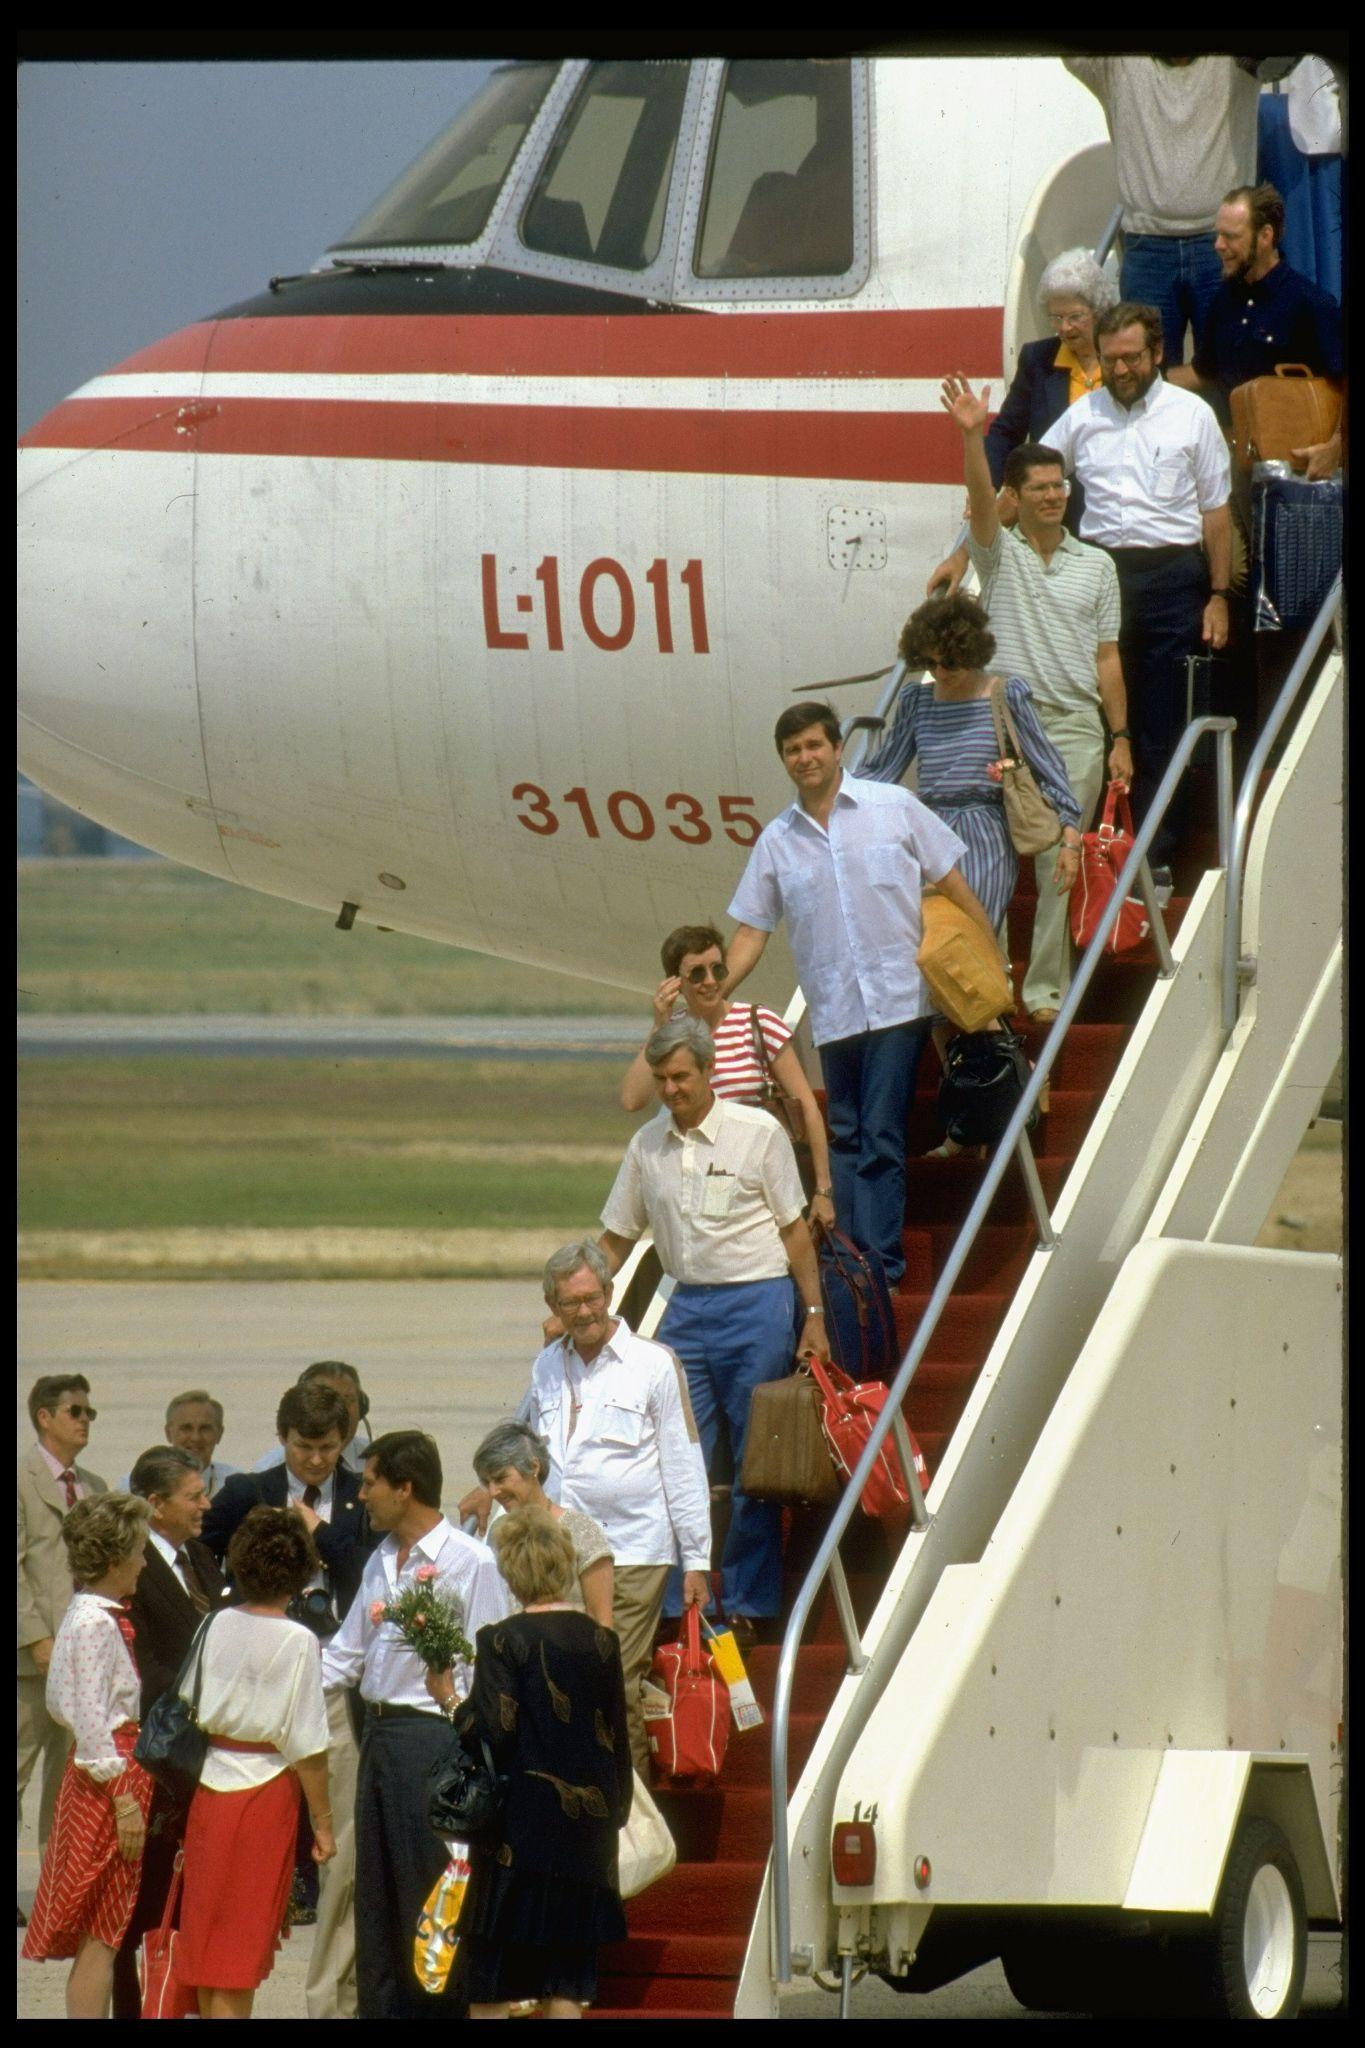 Greek police arrest suspect in 1985 hijacking of TWA Flight 847